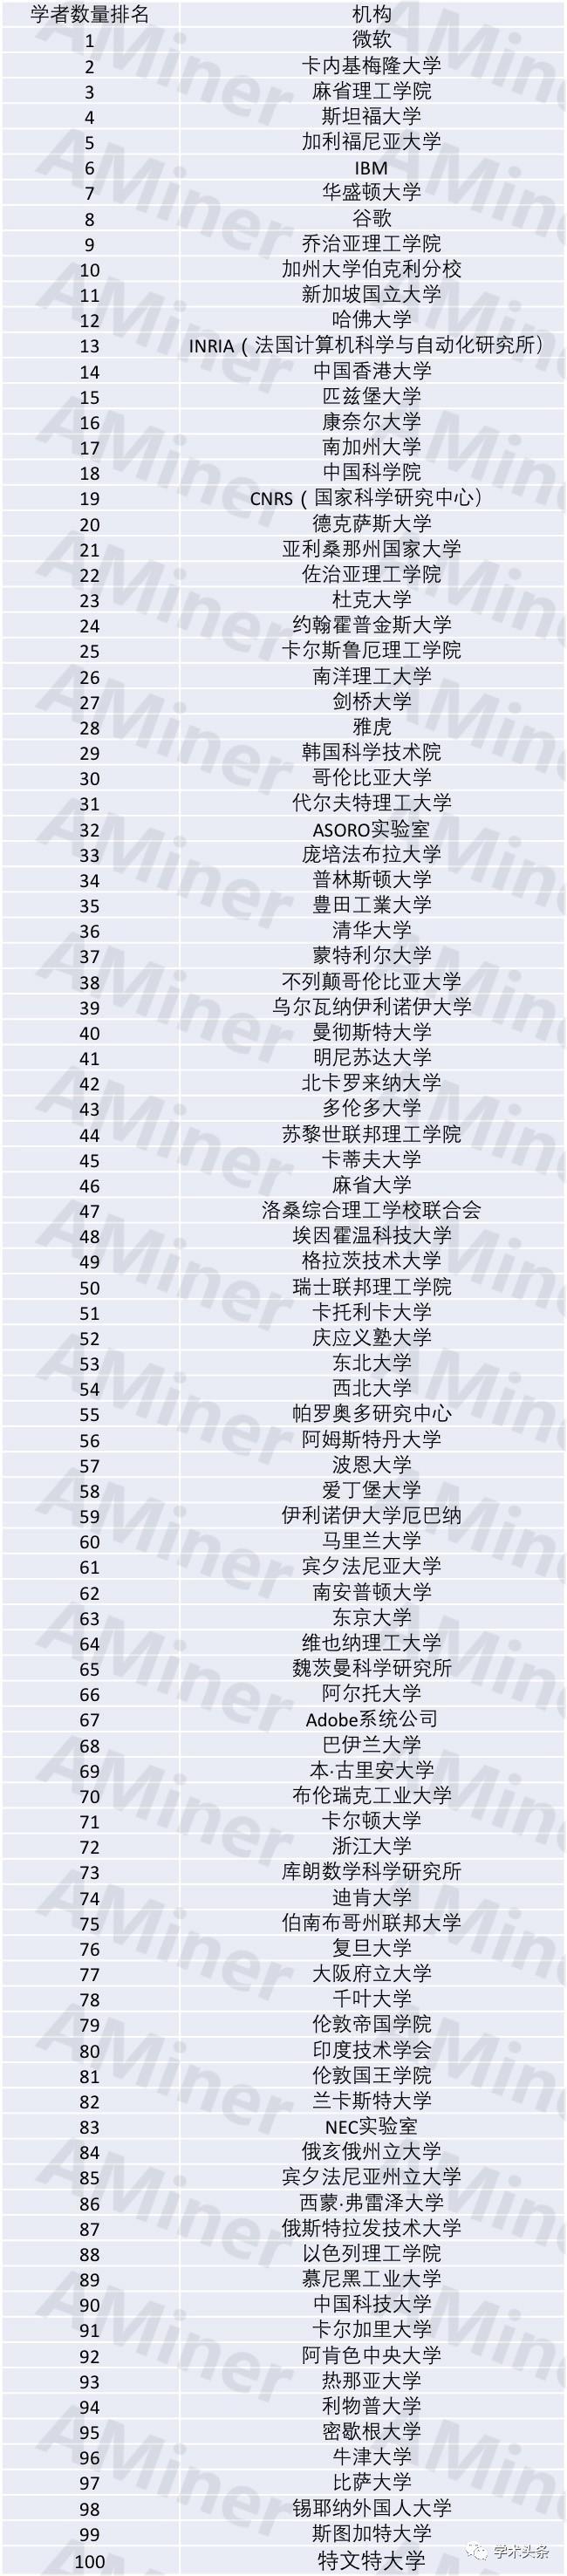 全球最具影响力AI机构排名:中国6所机构入围